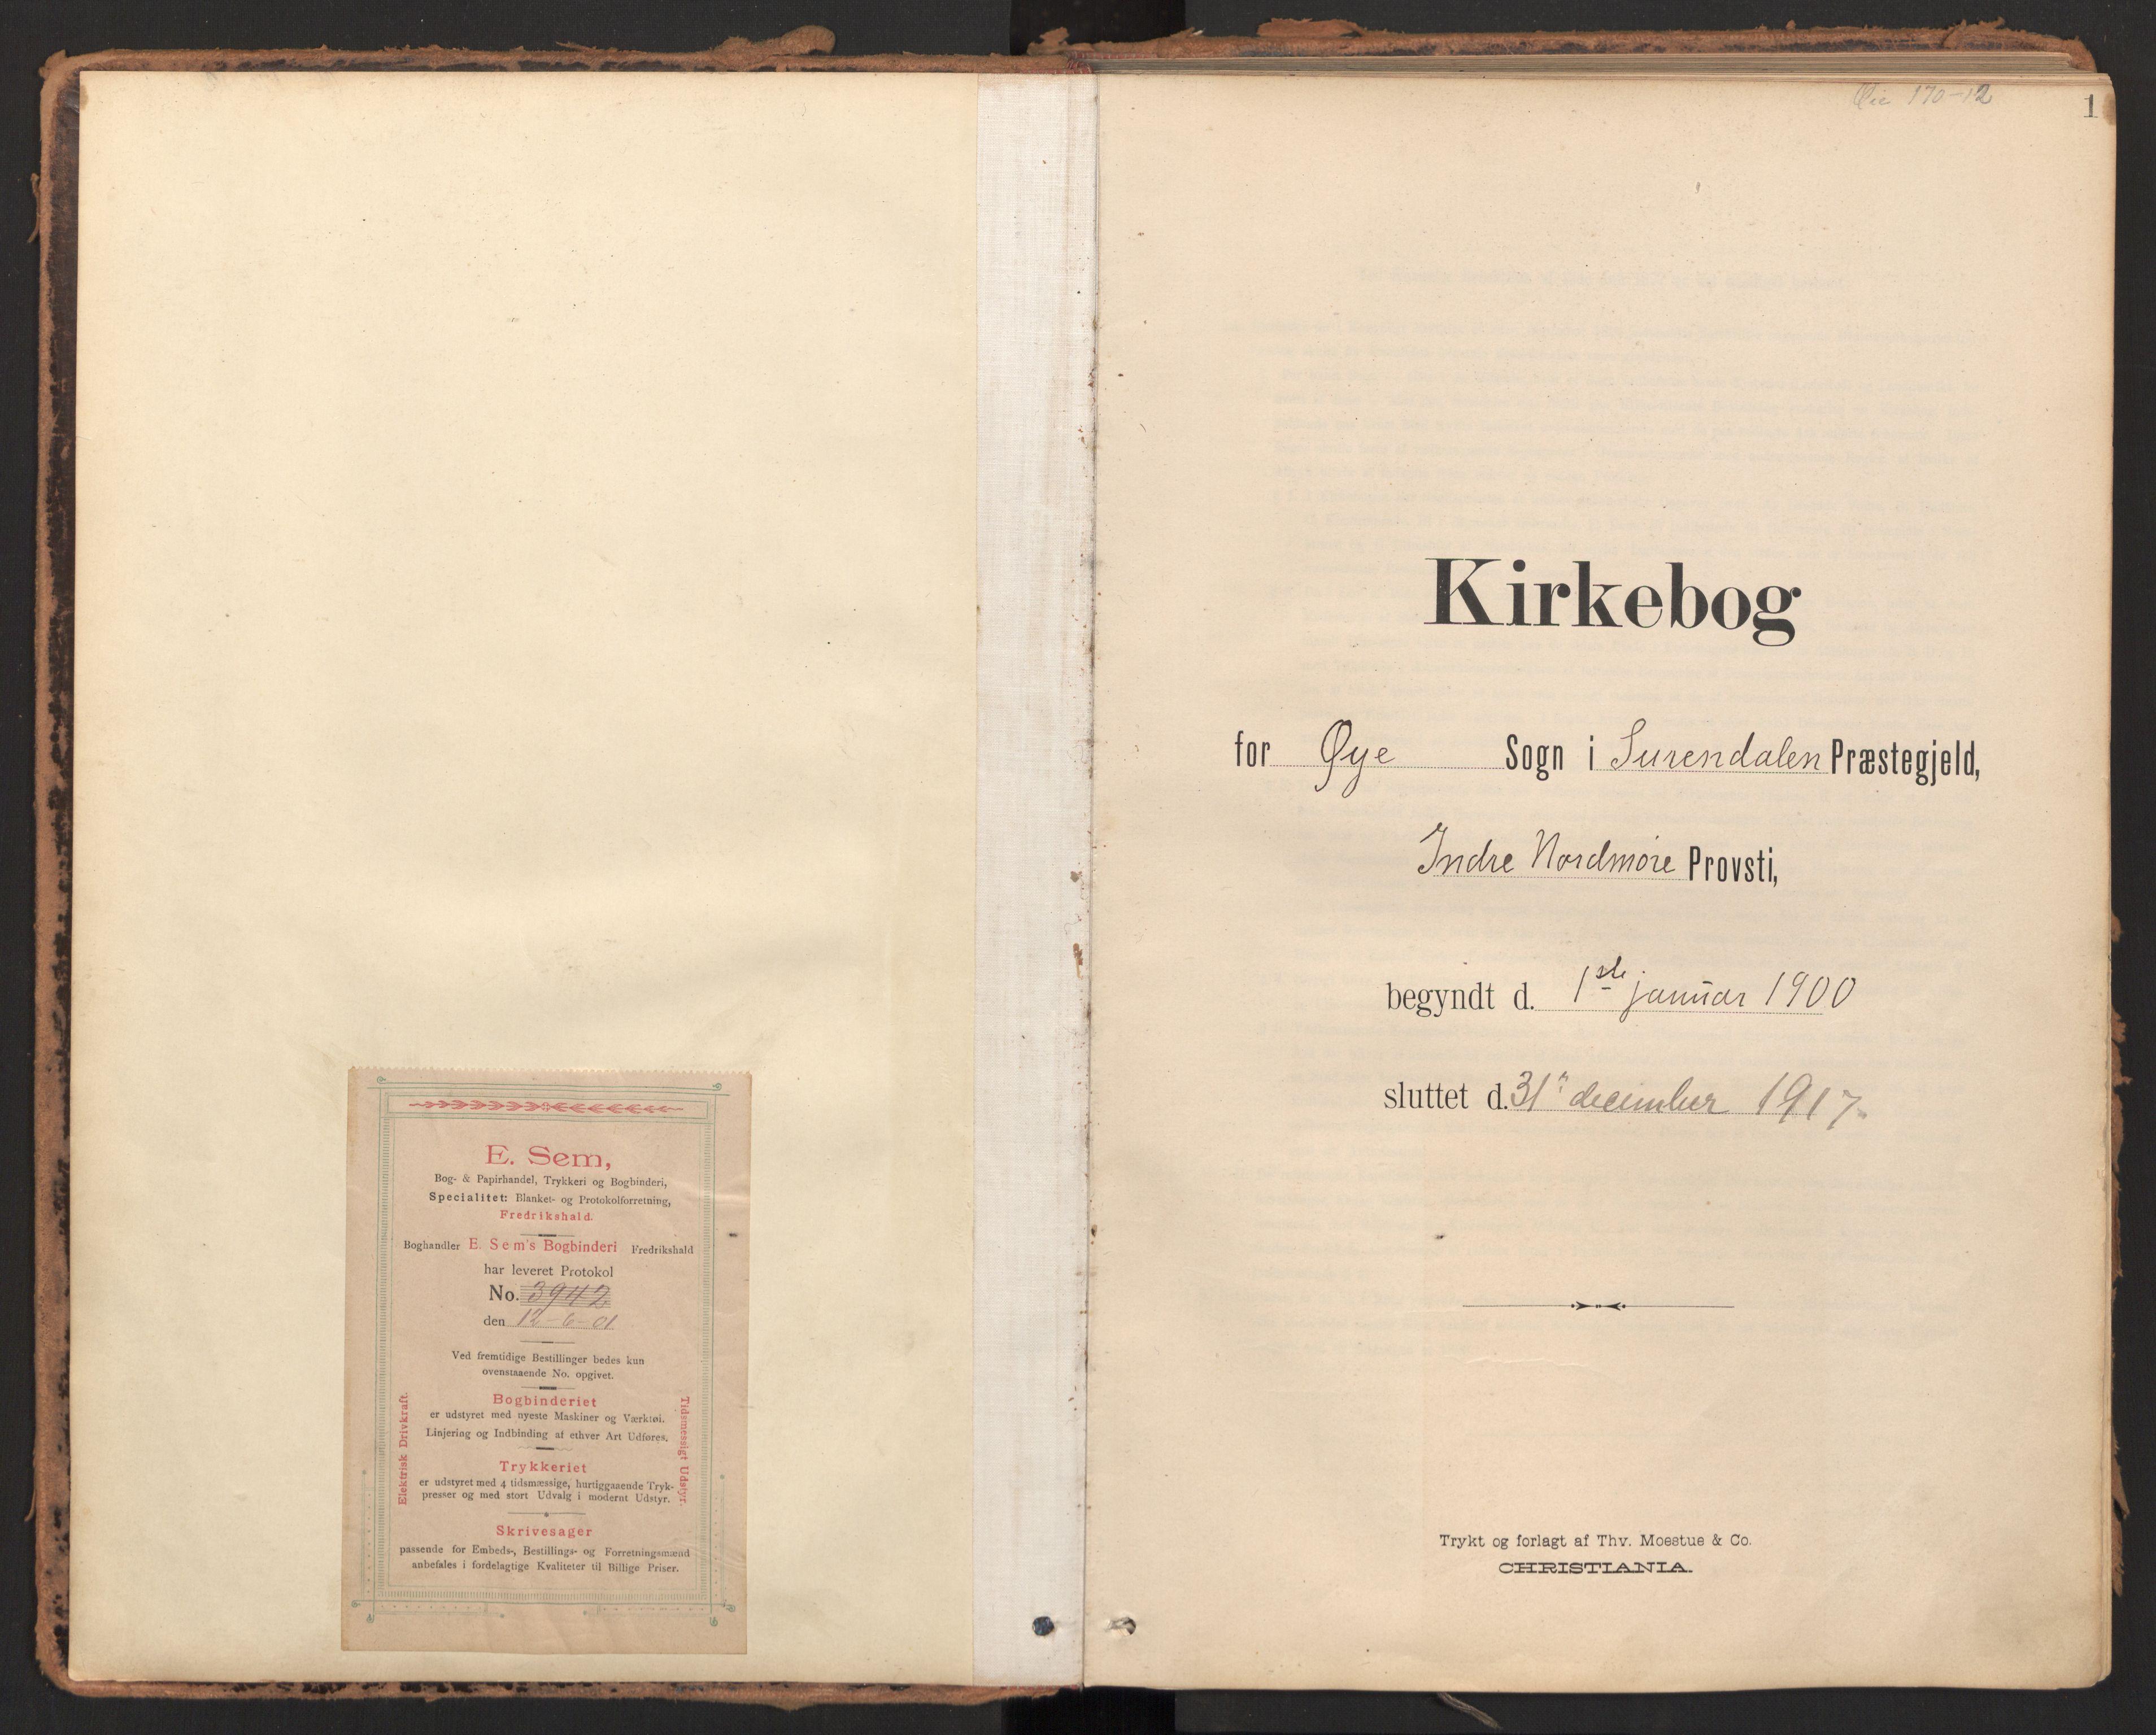 SAT, Ministerialprotokoller, klokkerbøker og fødselsregistre - Møre og Romsdal, 595/L1048: Ministerialbok nr. 595A10, 1900-1917, s. 1